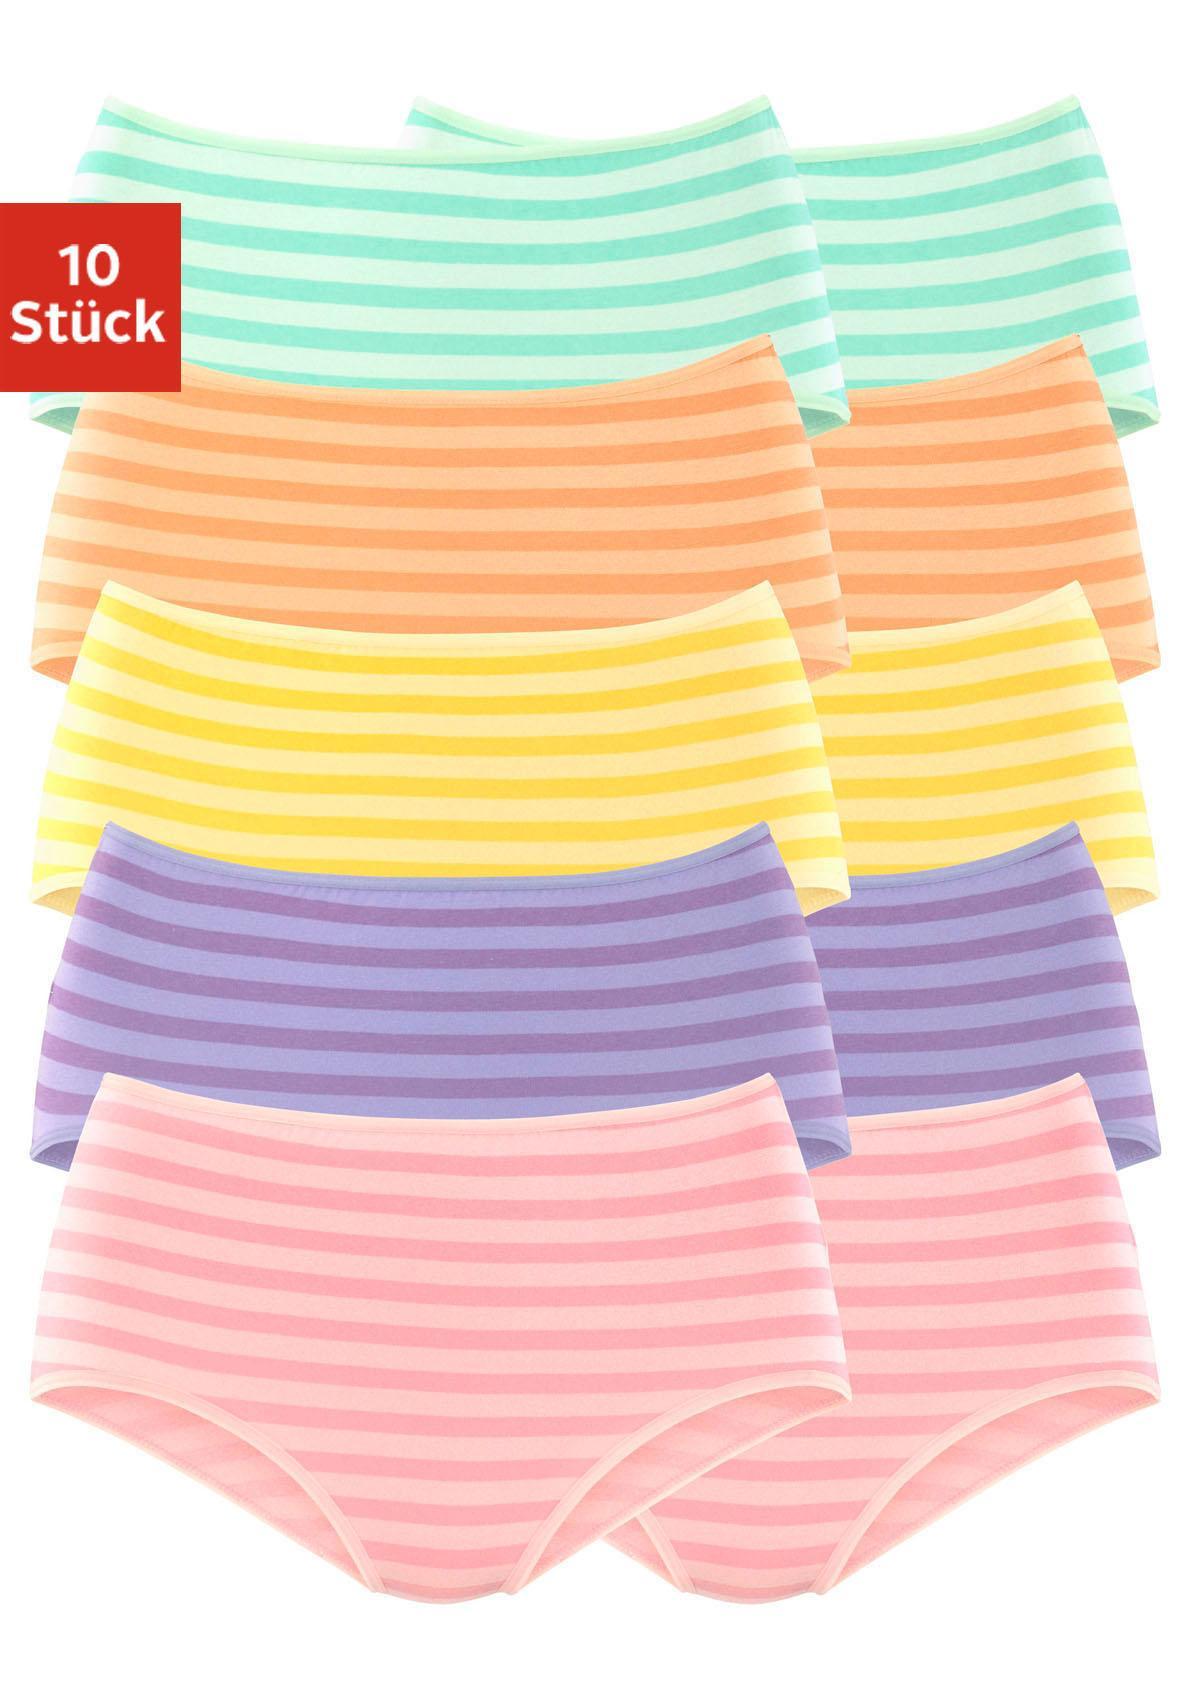 GO IN Taillenslips (10 Stück), in verschiedenen Farben mit Streifen